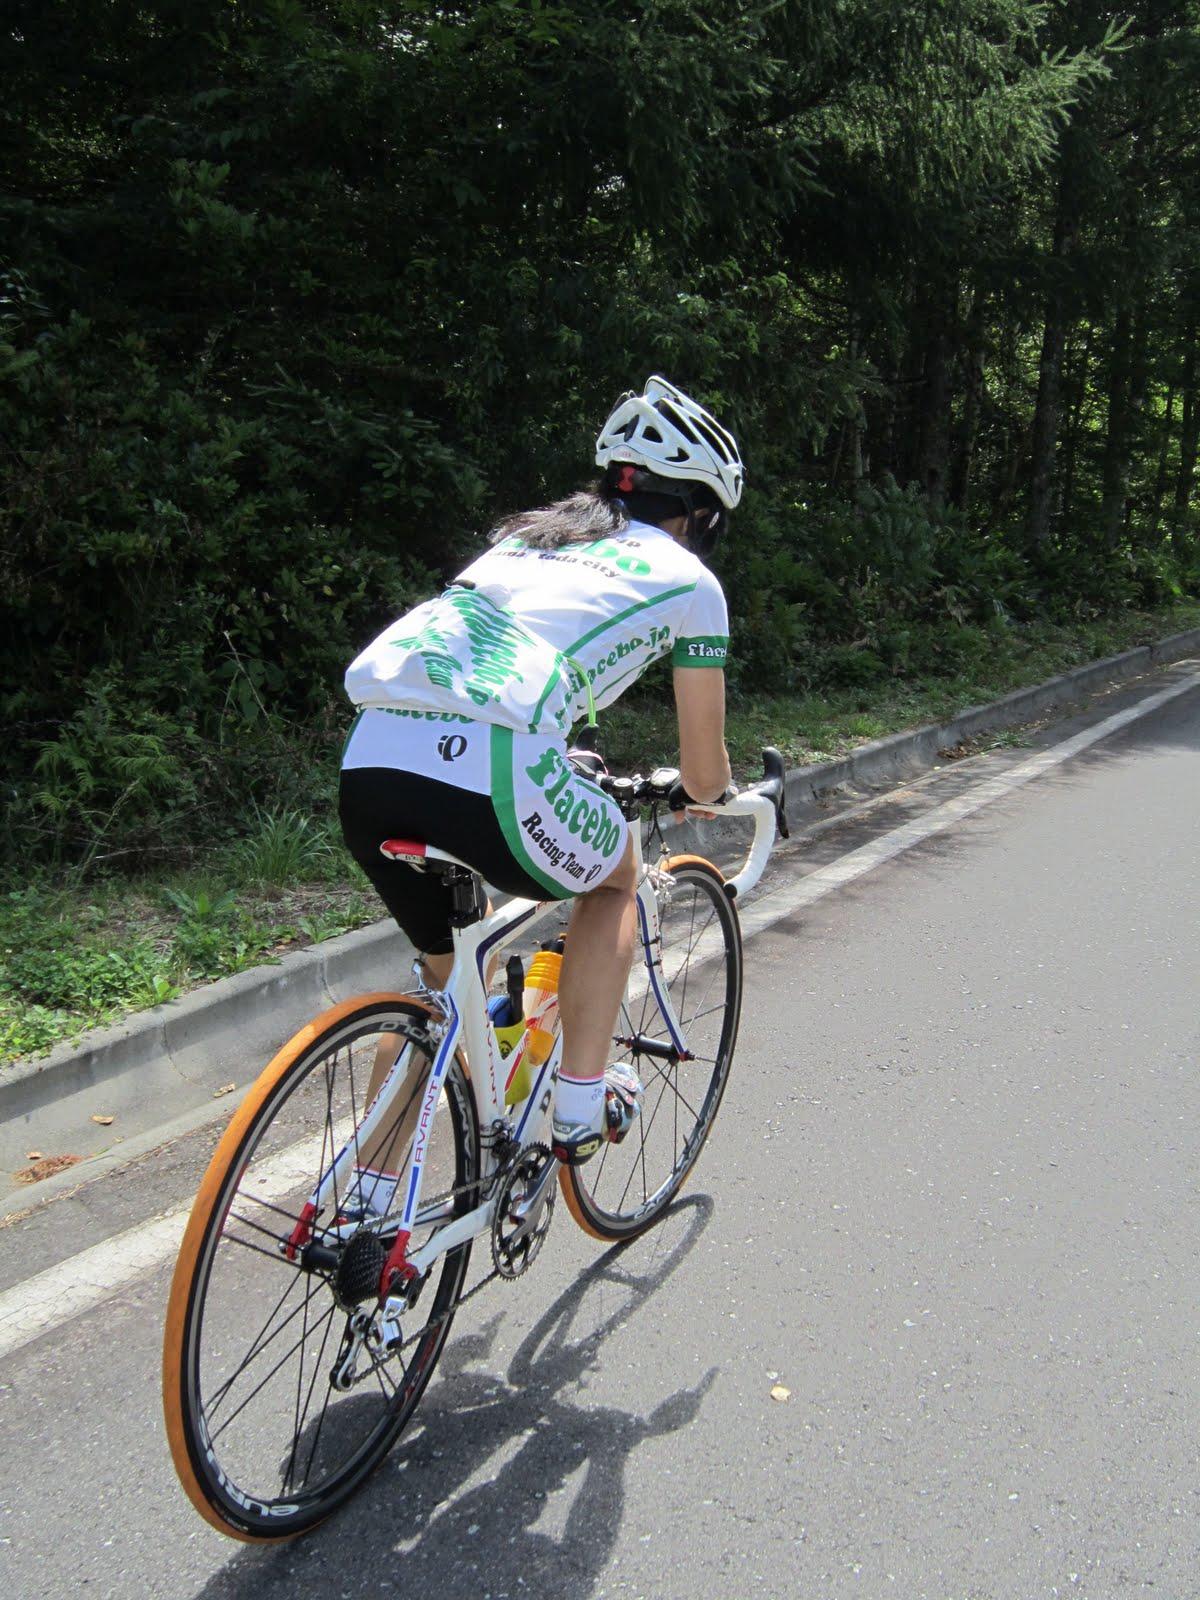 ... 田! : 釣り・ときどき自転車